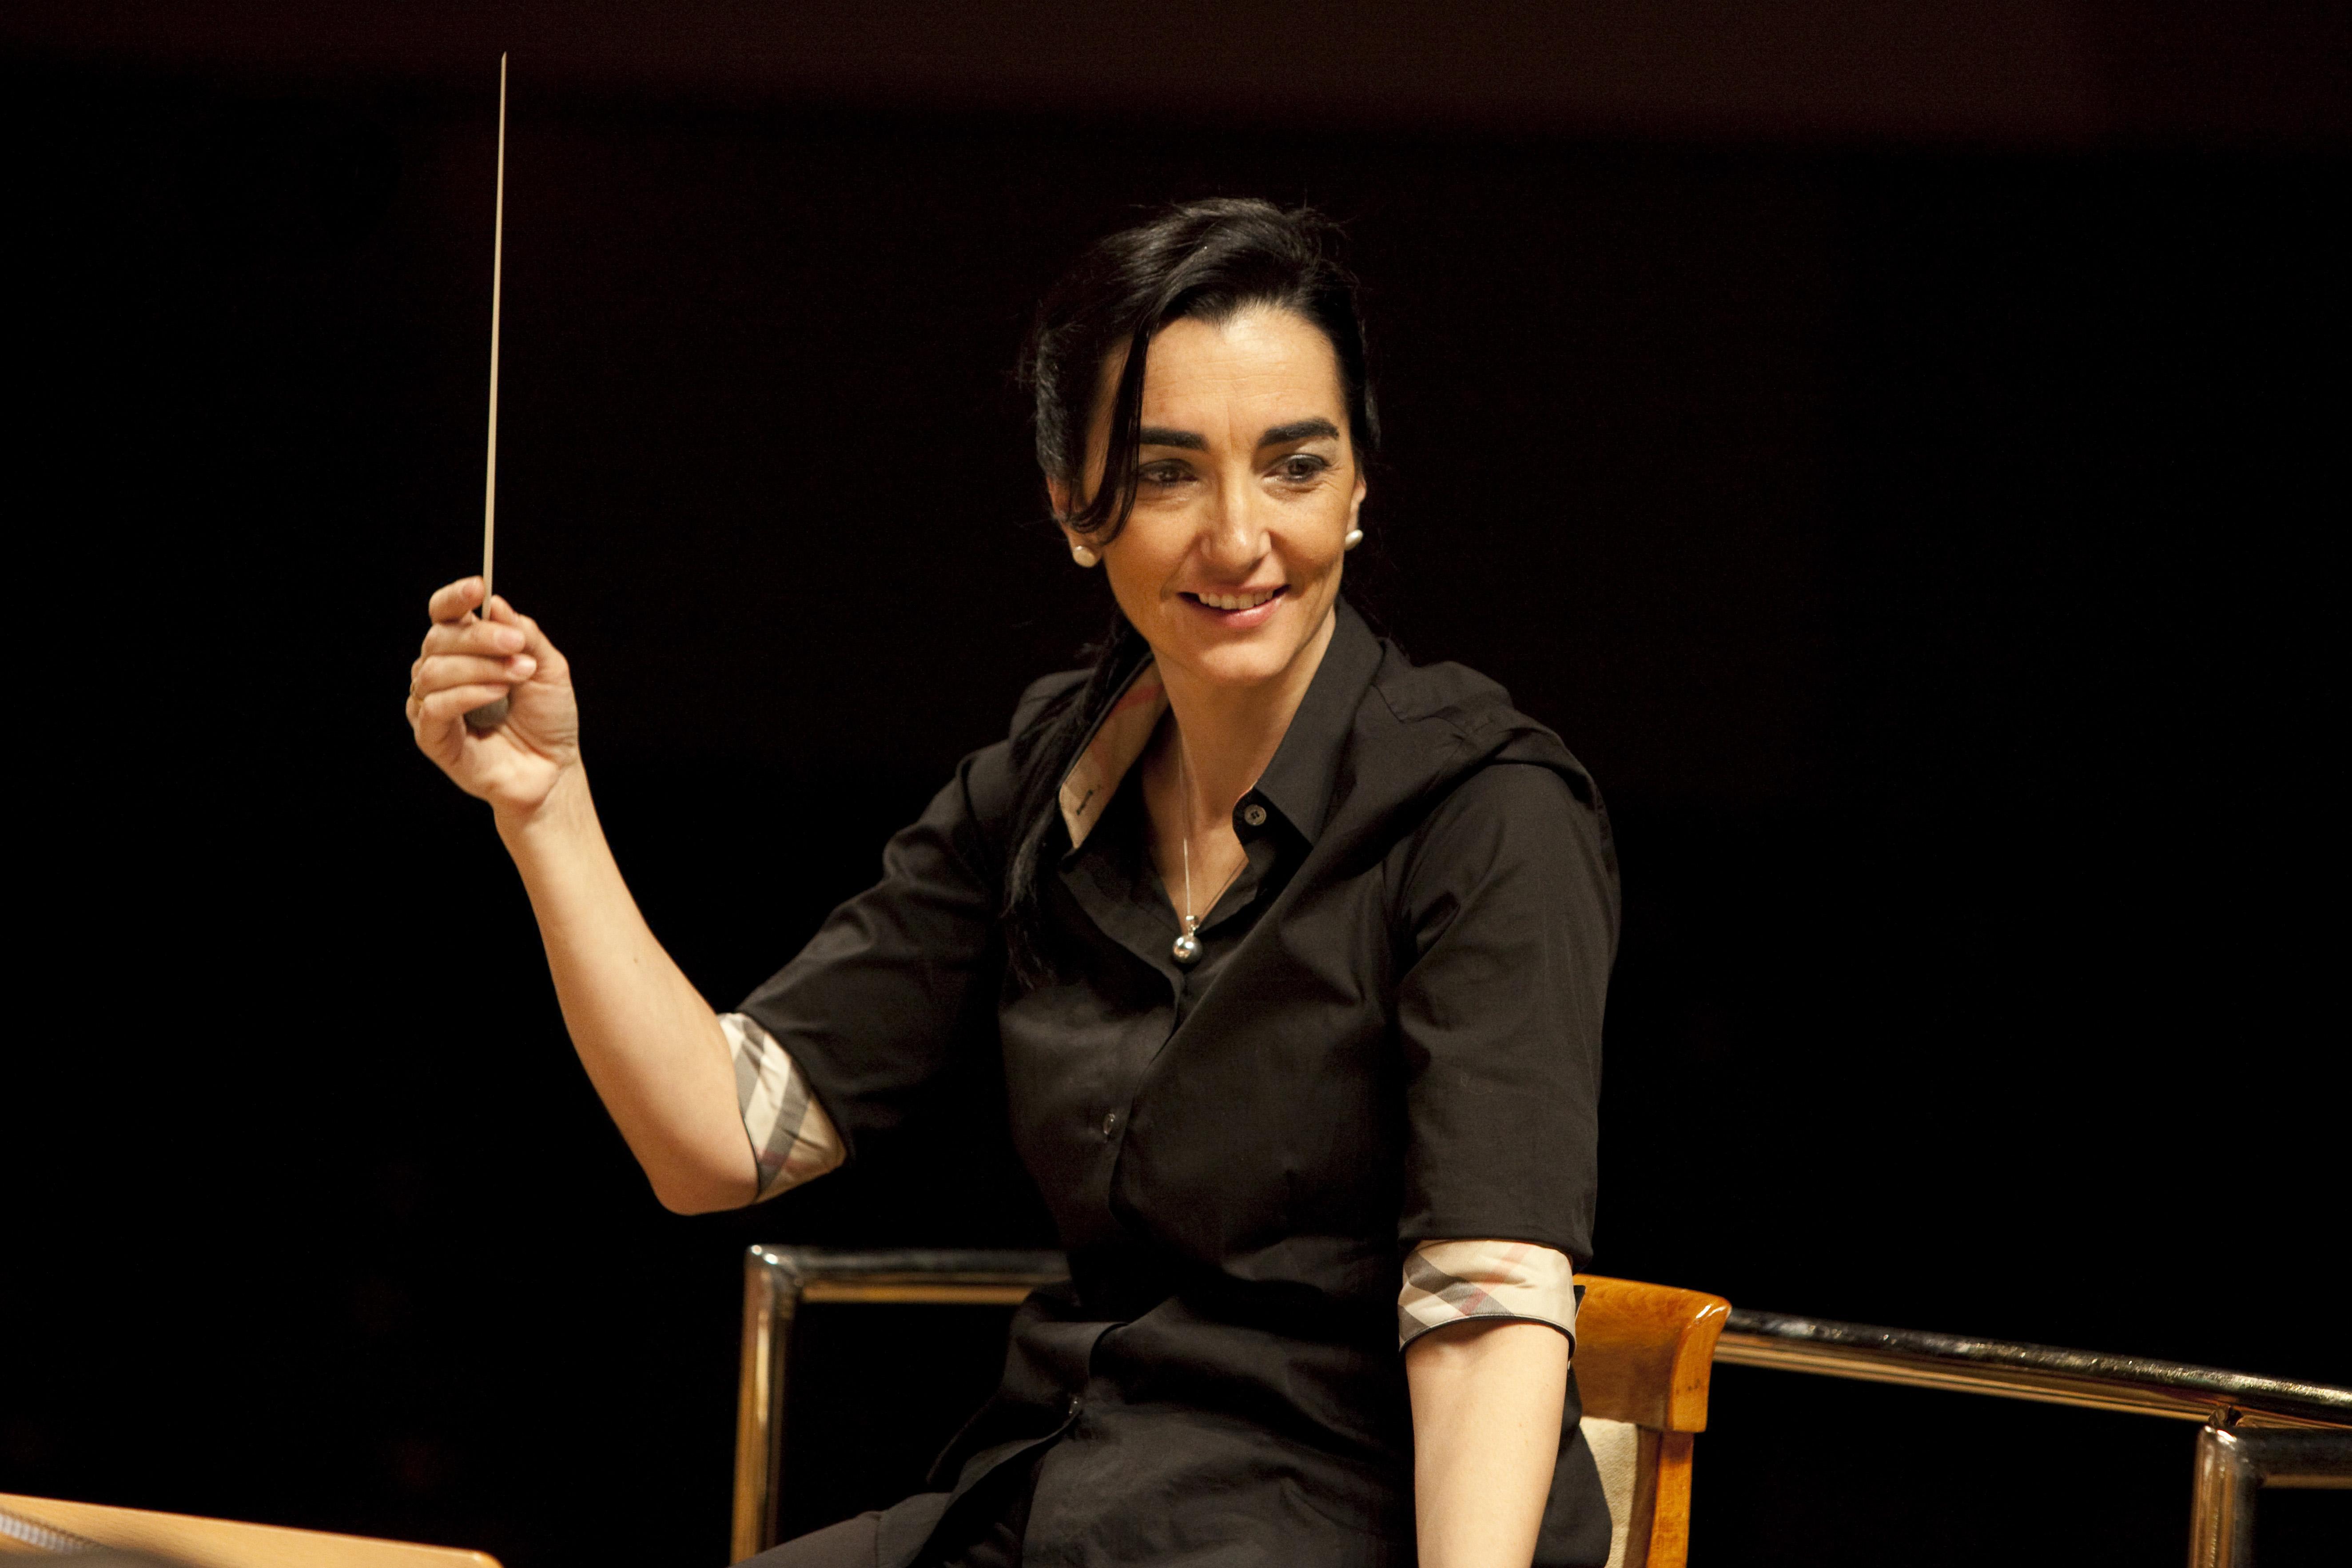 Silvia Sanz dirige la Orquesta Metropolitana y Coro Talía en un concierto dedicado a Shakespeare